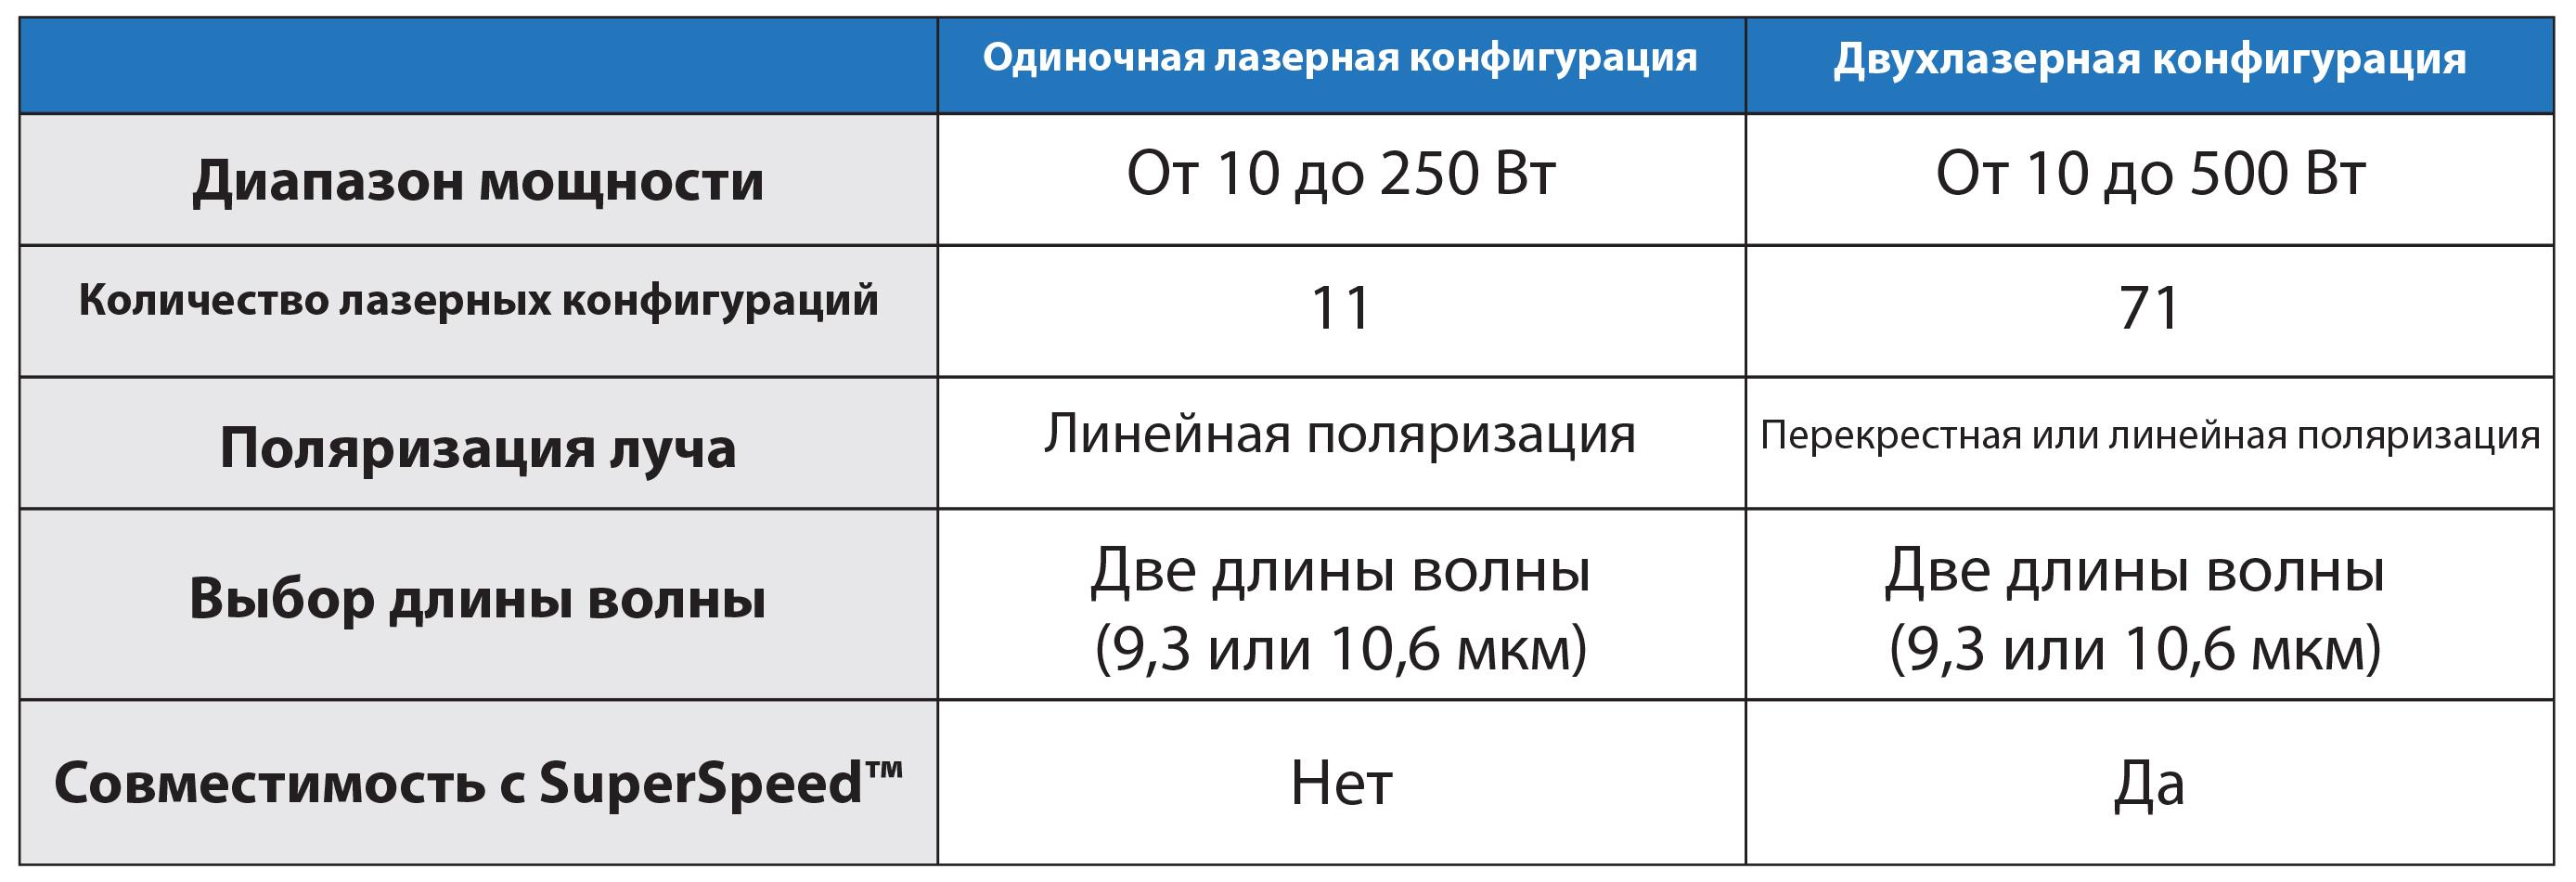 Схема сравнения конфигурации одиночной лазерной системы и конфигурации для одновременного использования двух лазеров